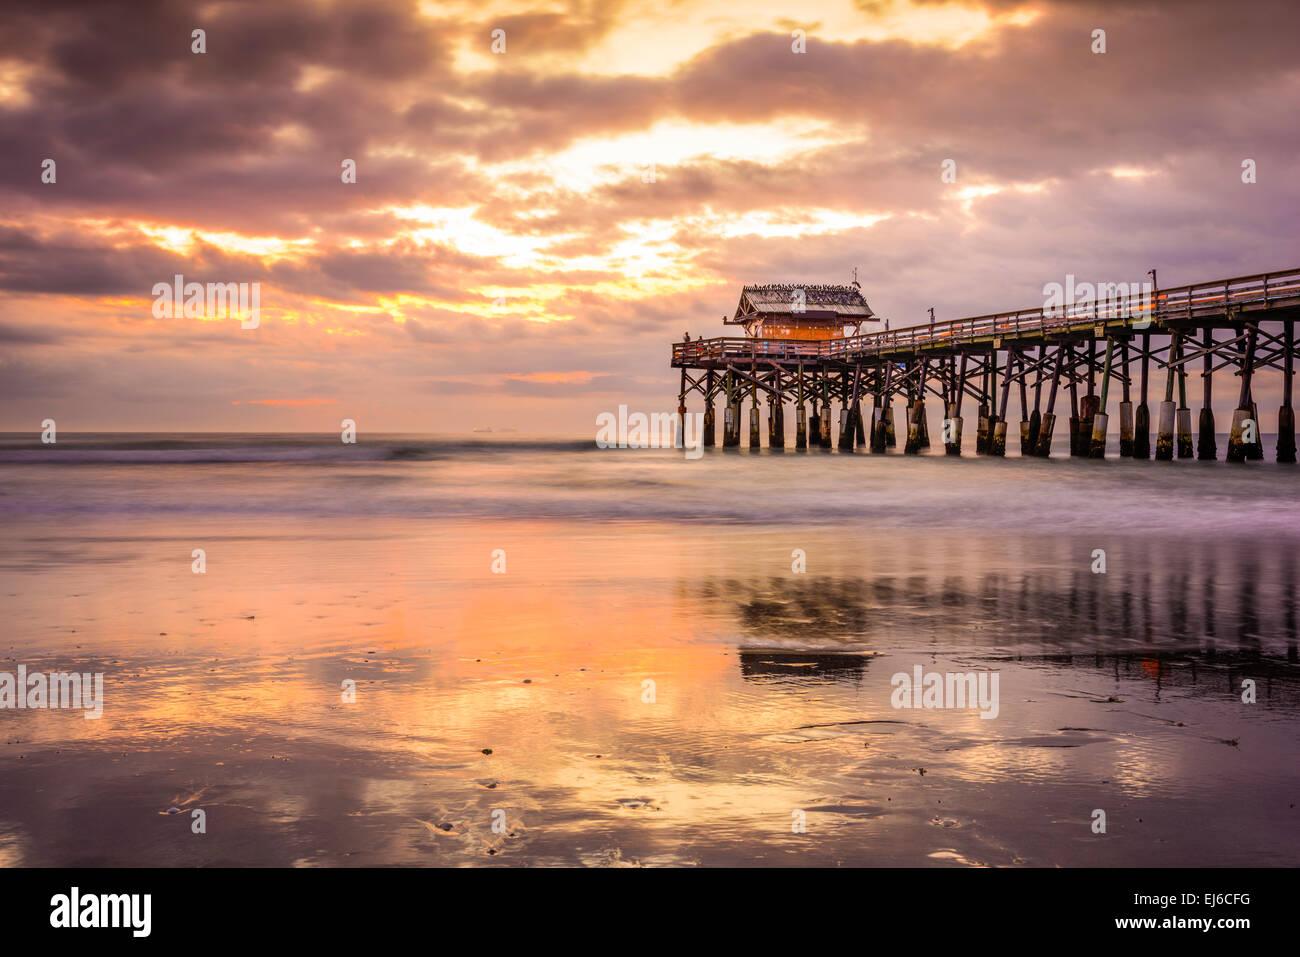 Cocoa Beach, Florida, EE.UU. de la playa y el muelle al amanecer. Imagen De Stock